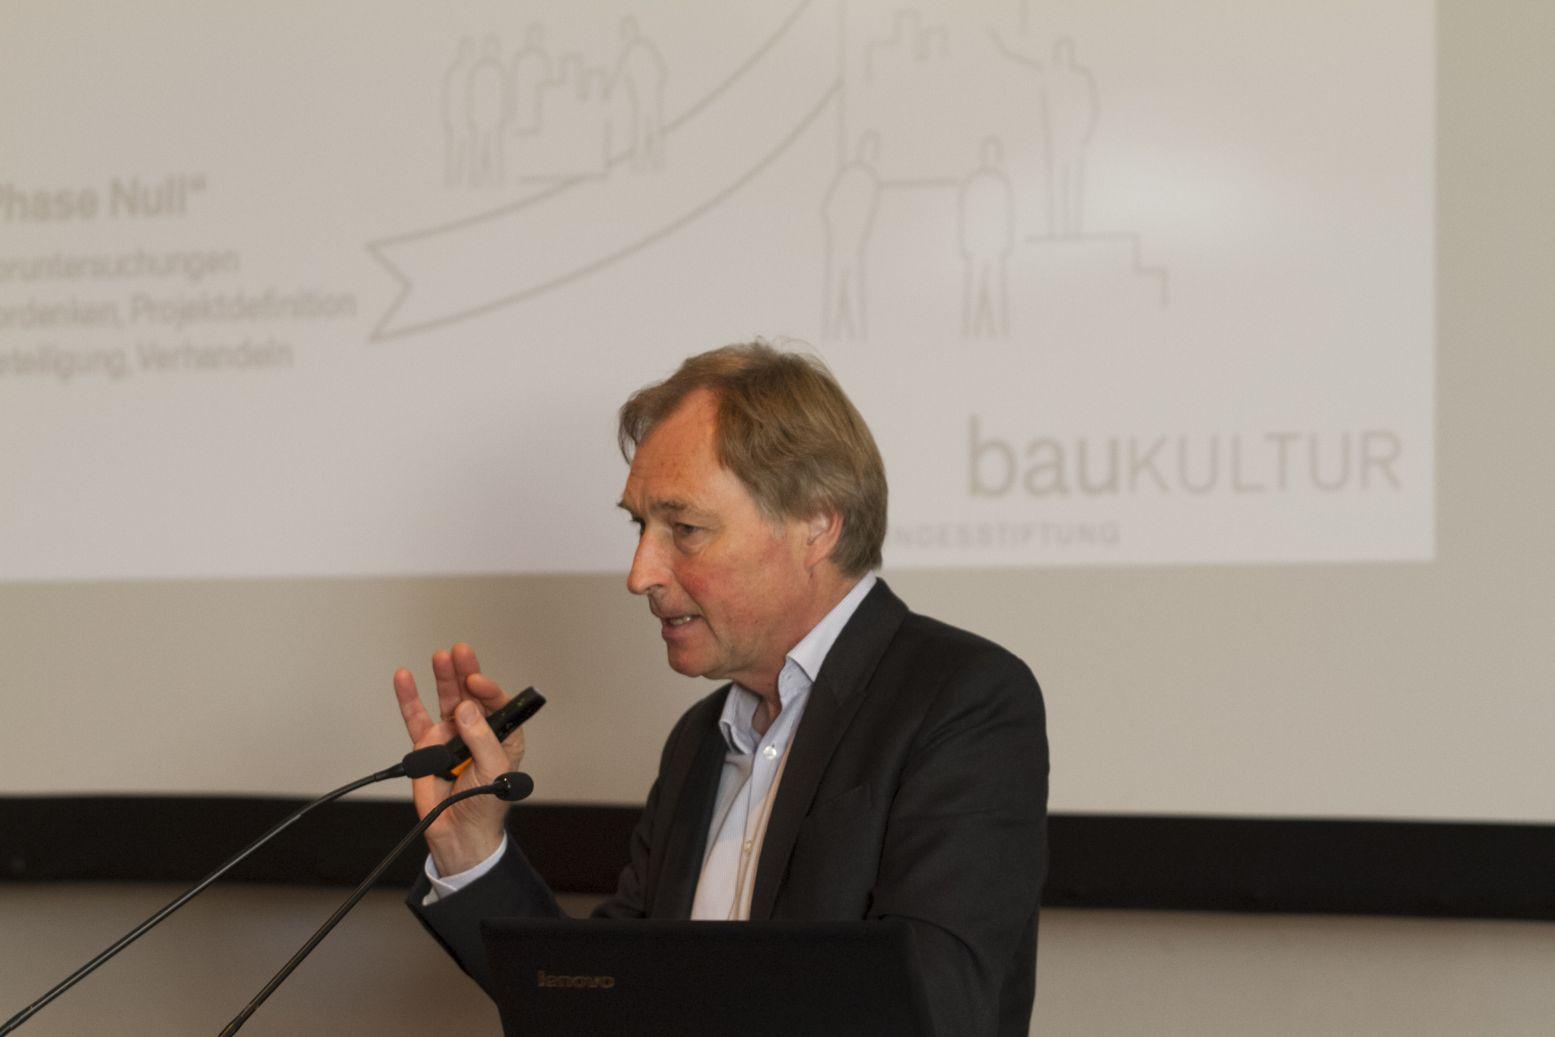 Der Vorstandsvorsitzende der Bundesstiftung Baukultur; Herr Reiner Nagel;  Foto: A. J. Schmidt